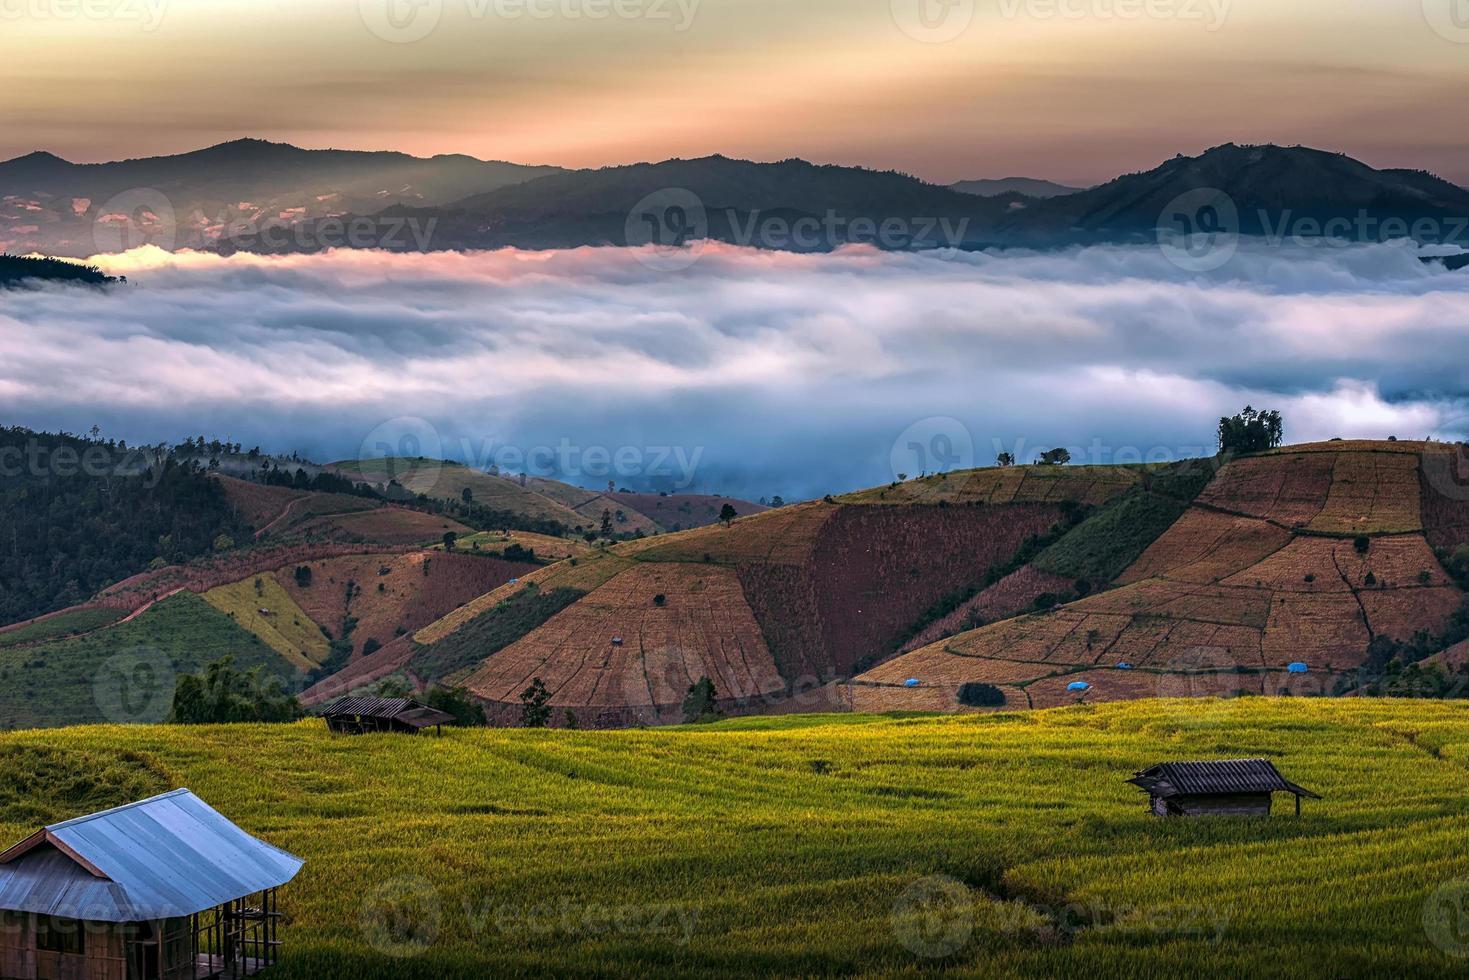 campo de arroz em socalcos foto